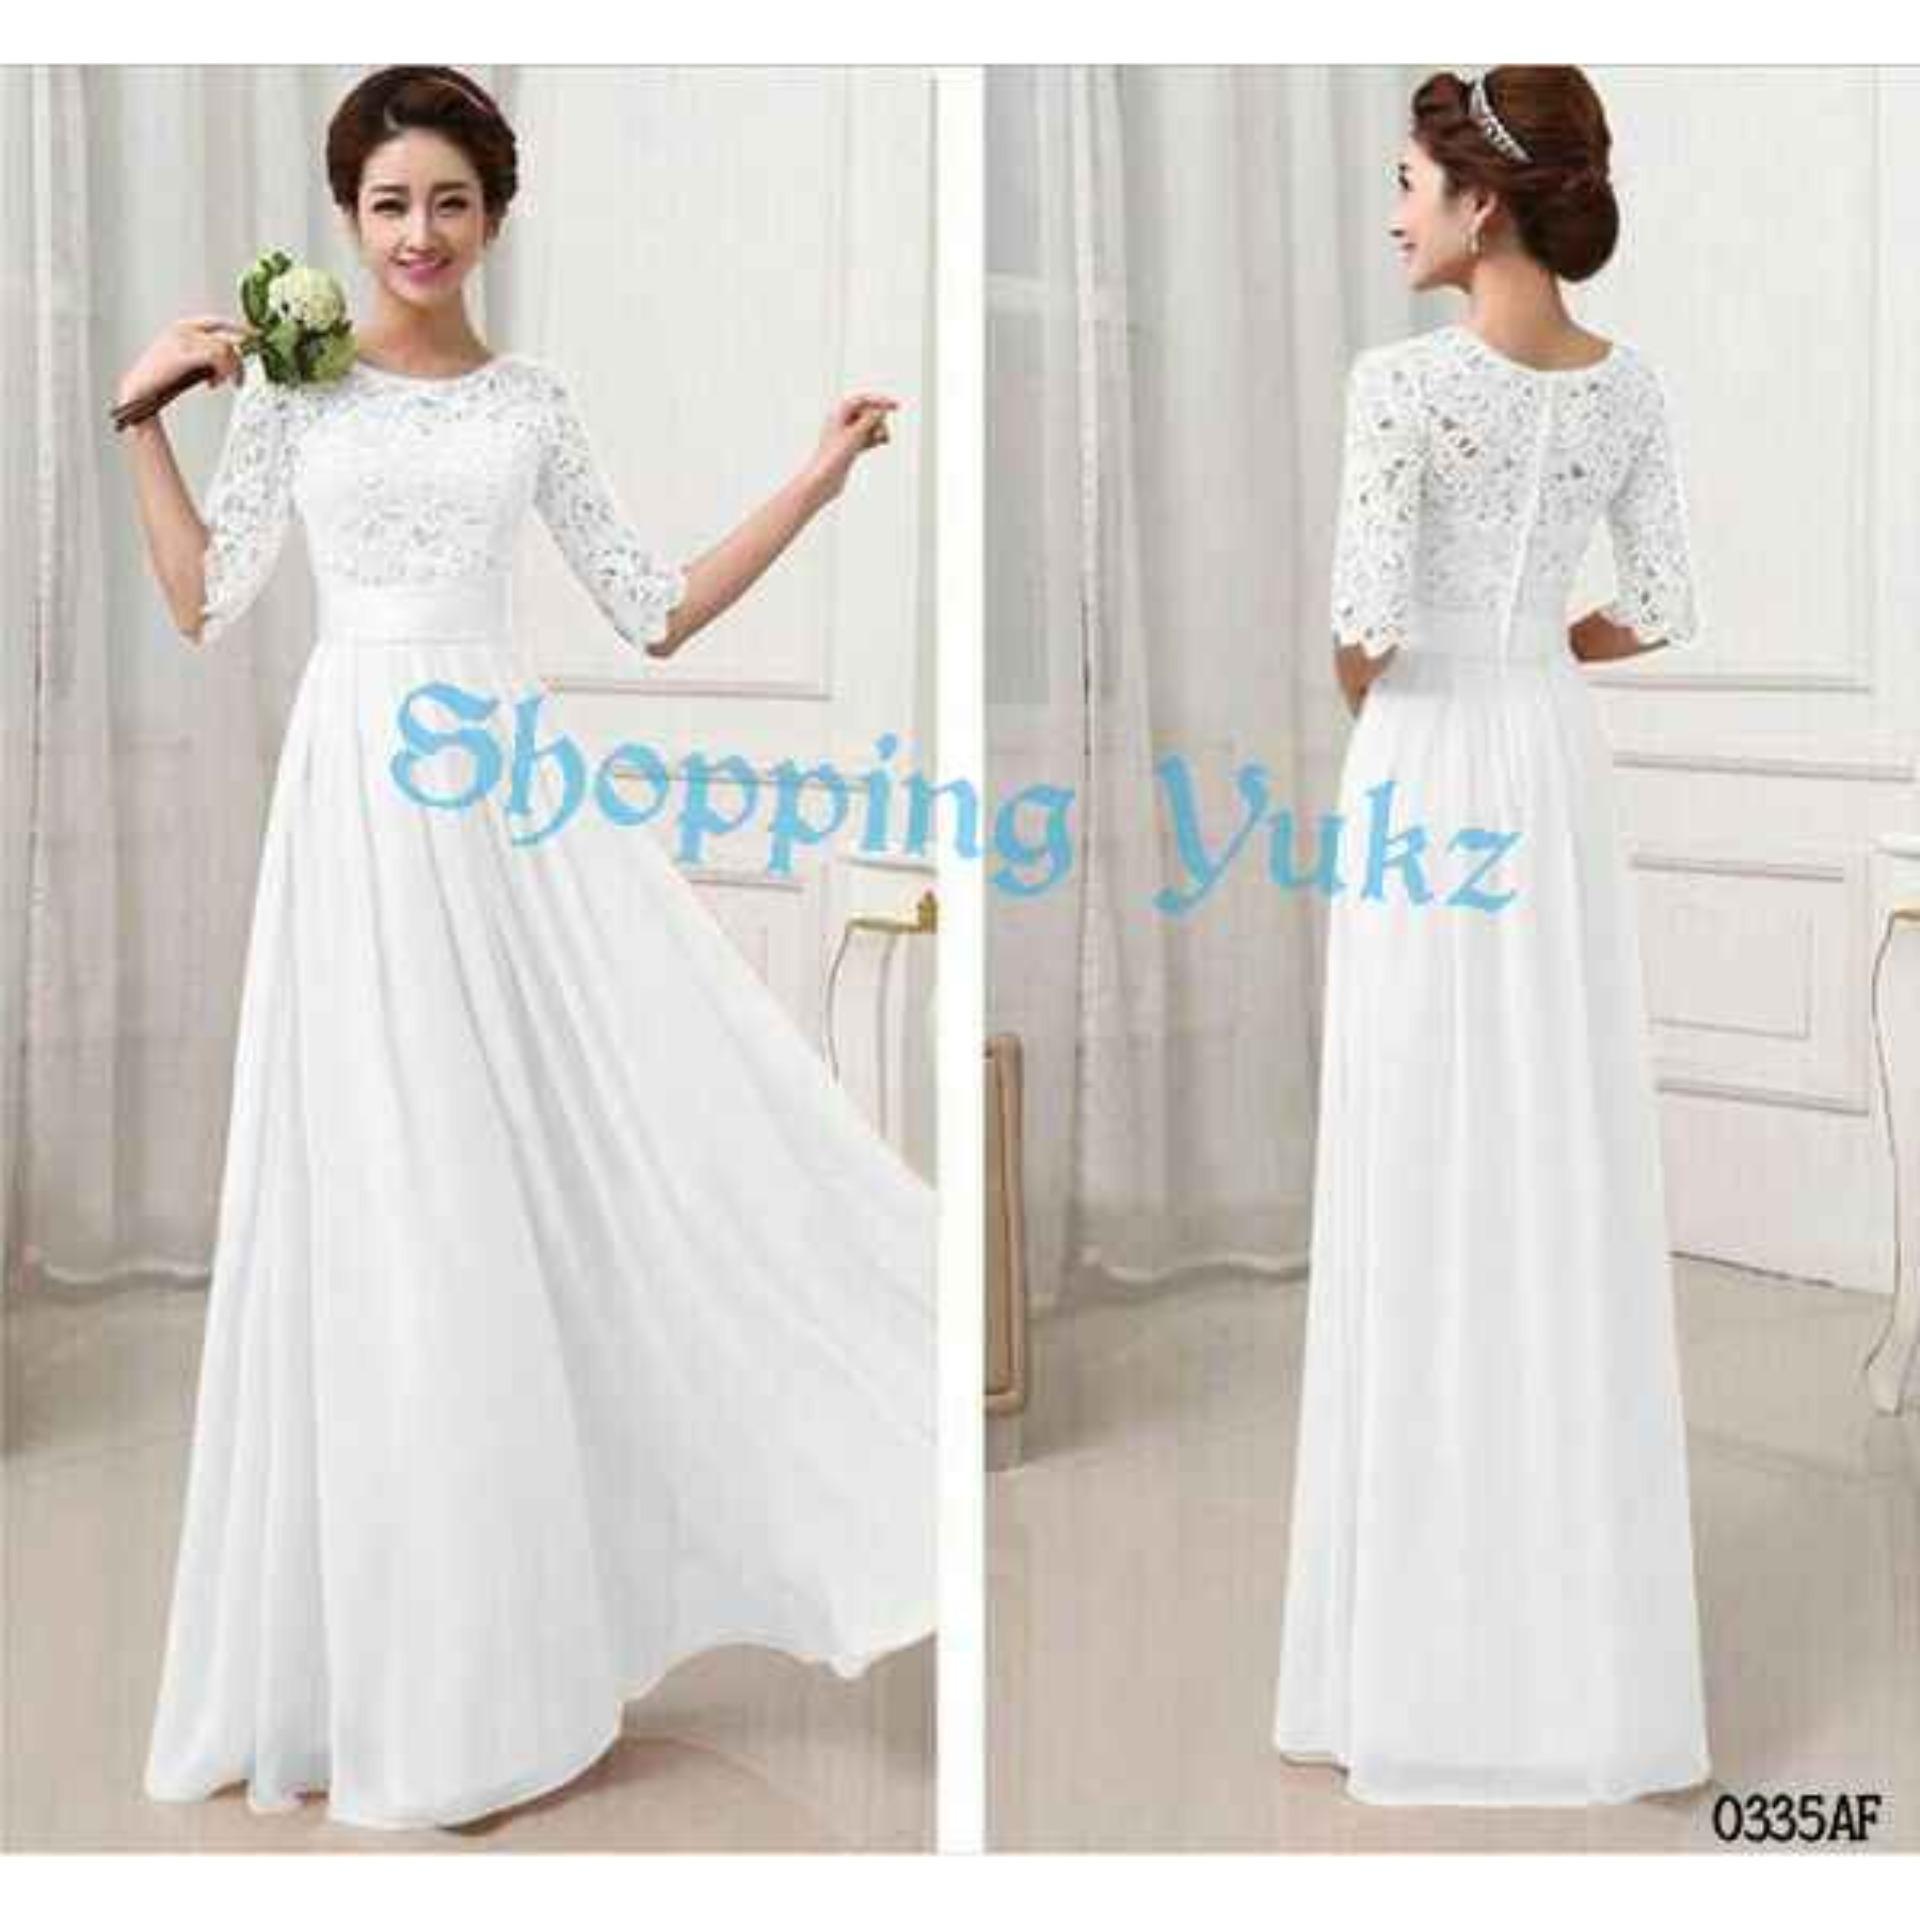 Daftar Harga Maxi Dress White Di Lazada Hargaupdate Brukat